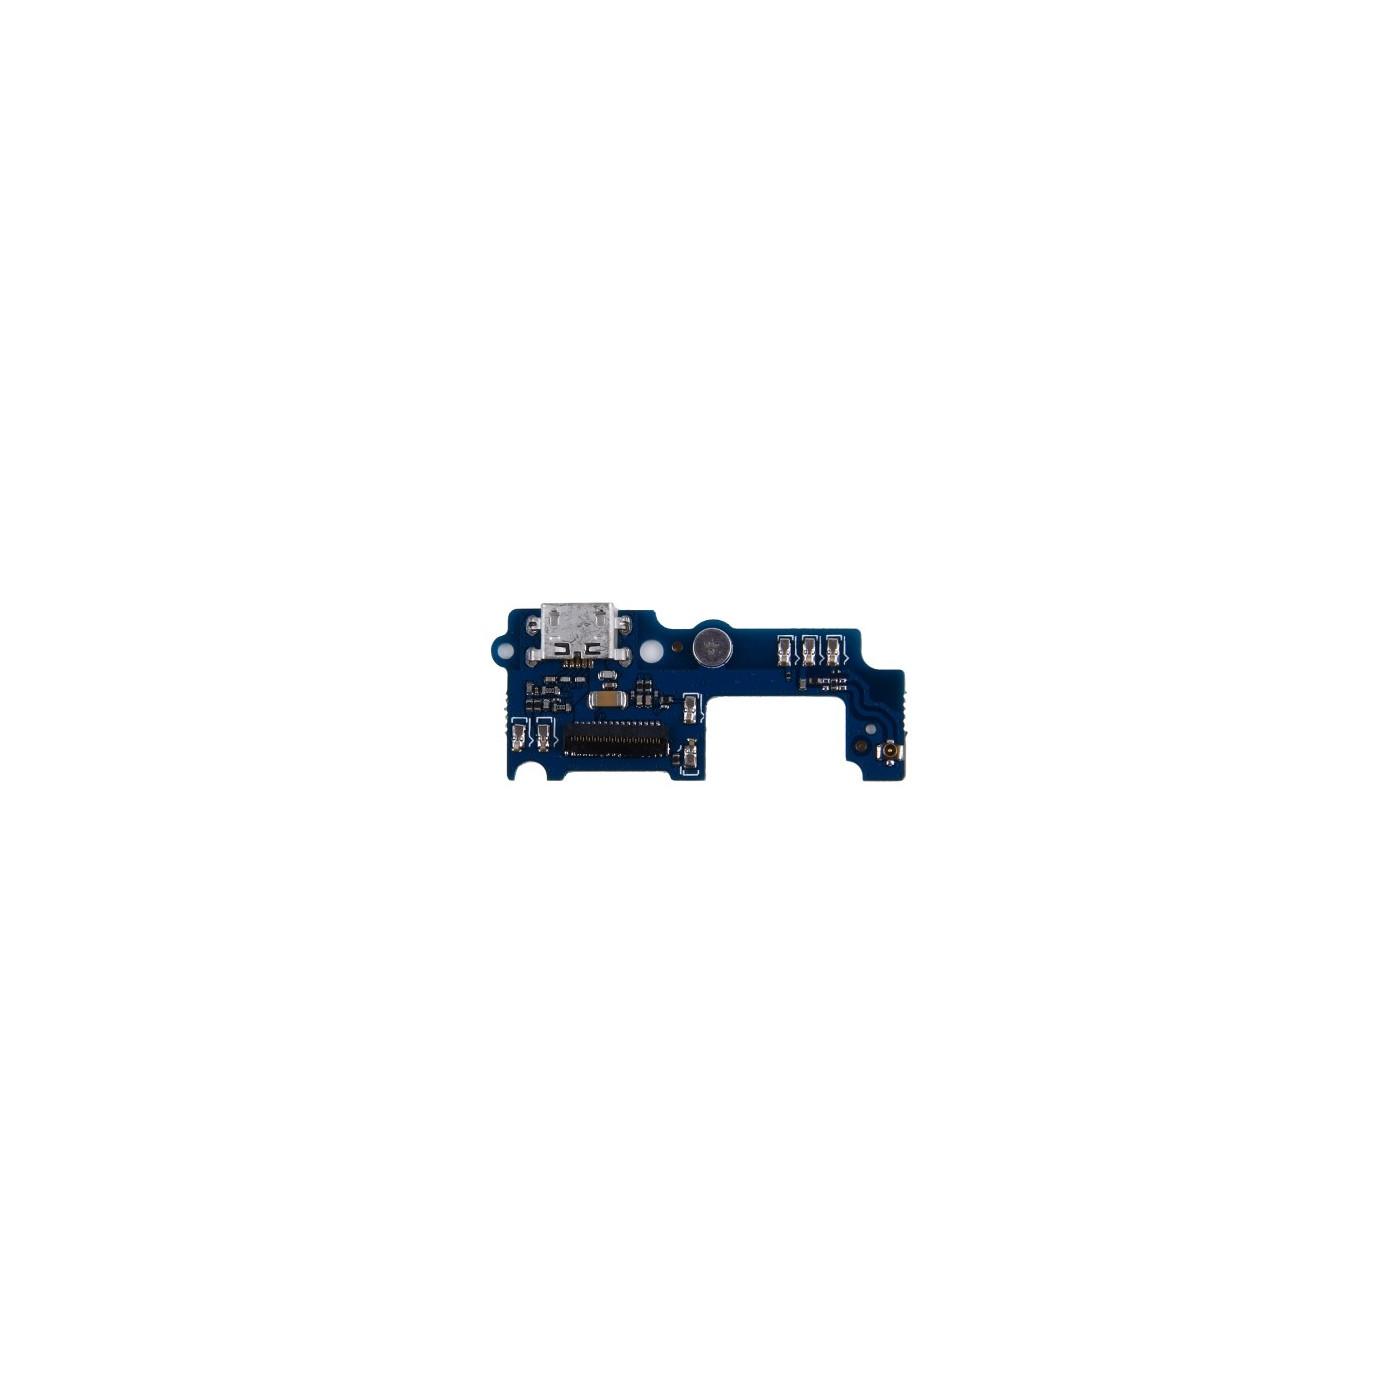 Conector de carga plana y flexible para Huawei Enjoy 5 data dock